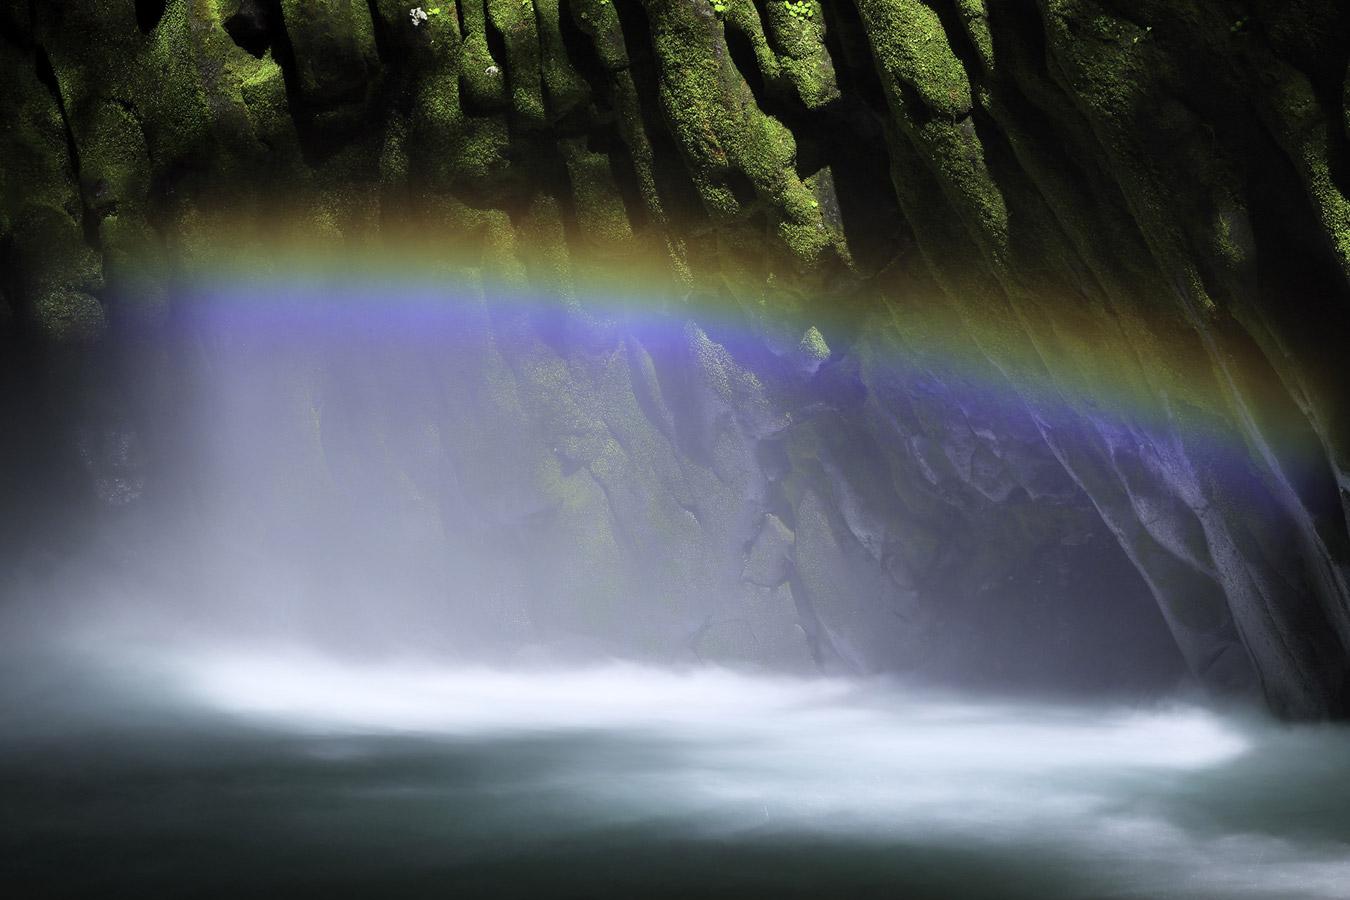 Йошикадзу Миядзима / Yoshikazu Miyajima, Тадзими, Япония, Почётная оценка в категории «Пейзаж», Фотоконкурс «Лучшая природная фотография Азии» — Nature's Best Photography Asia